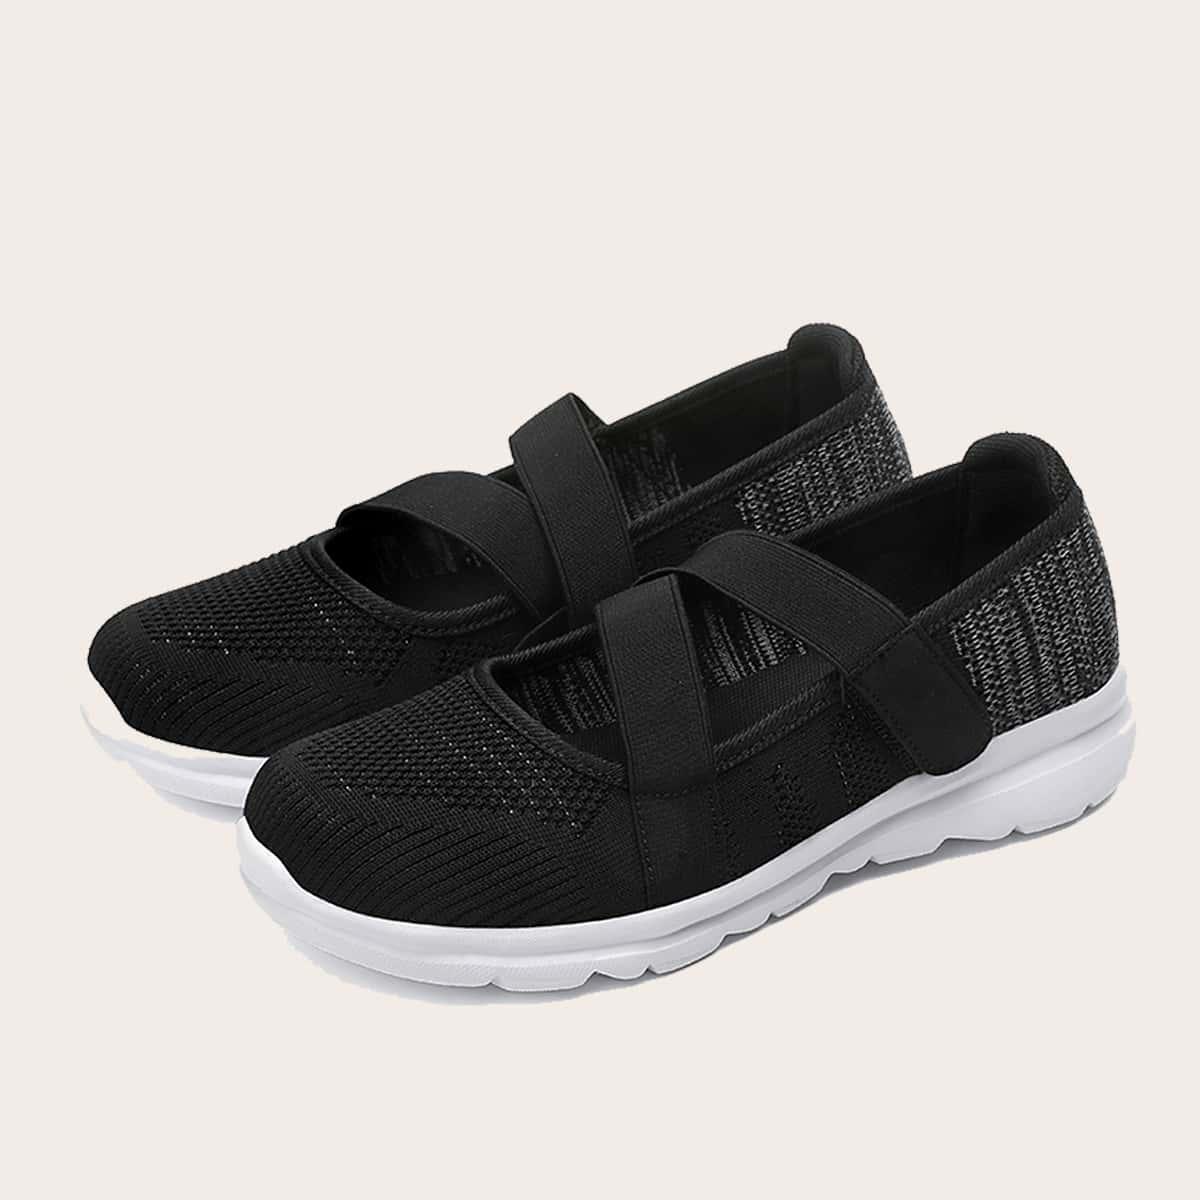 Zapatillas deportivas con banda elástica arriba baja sin cordones